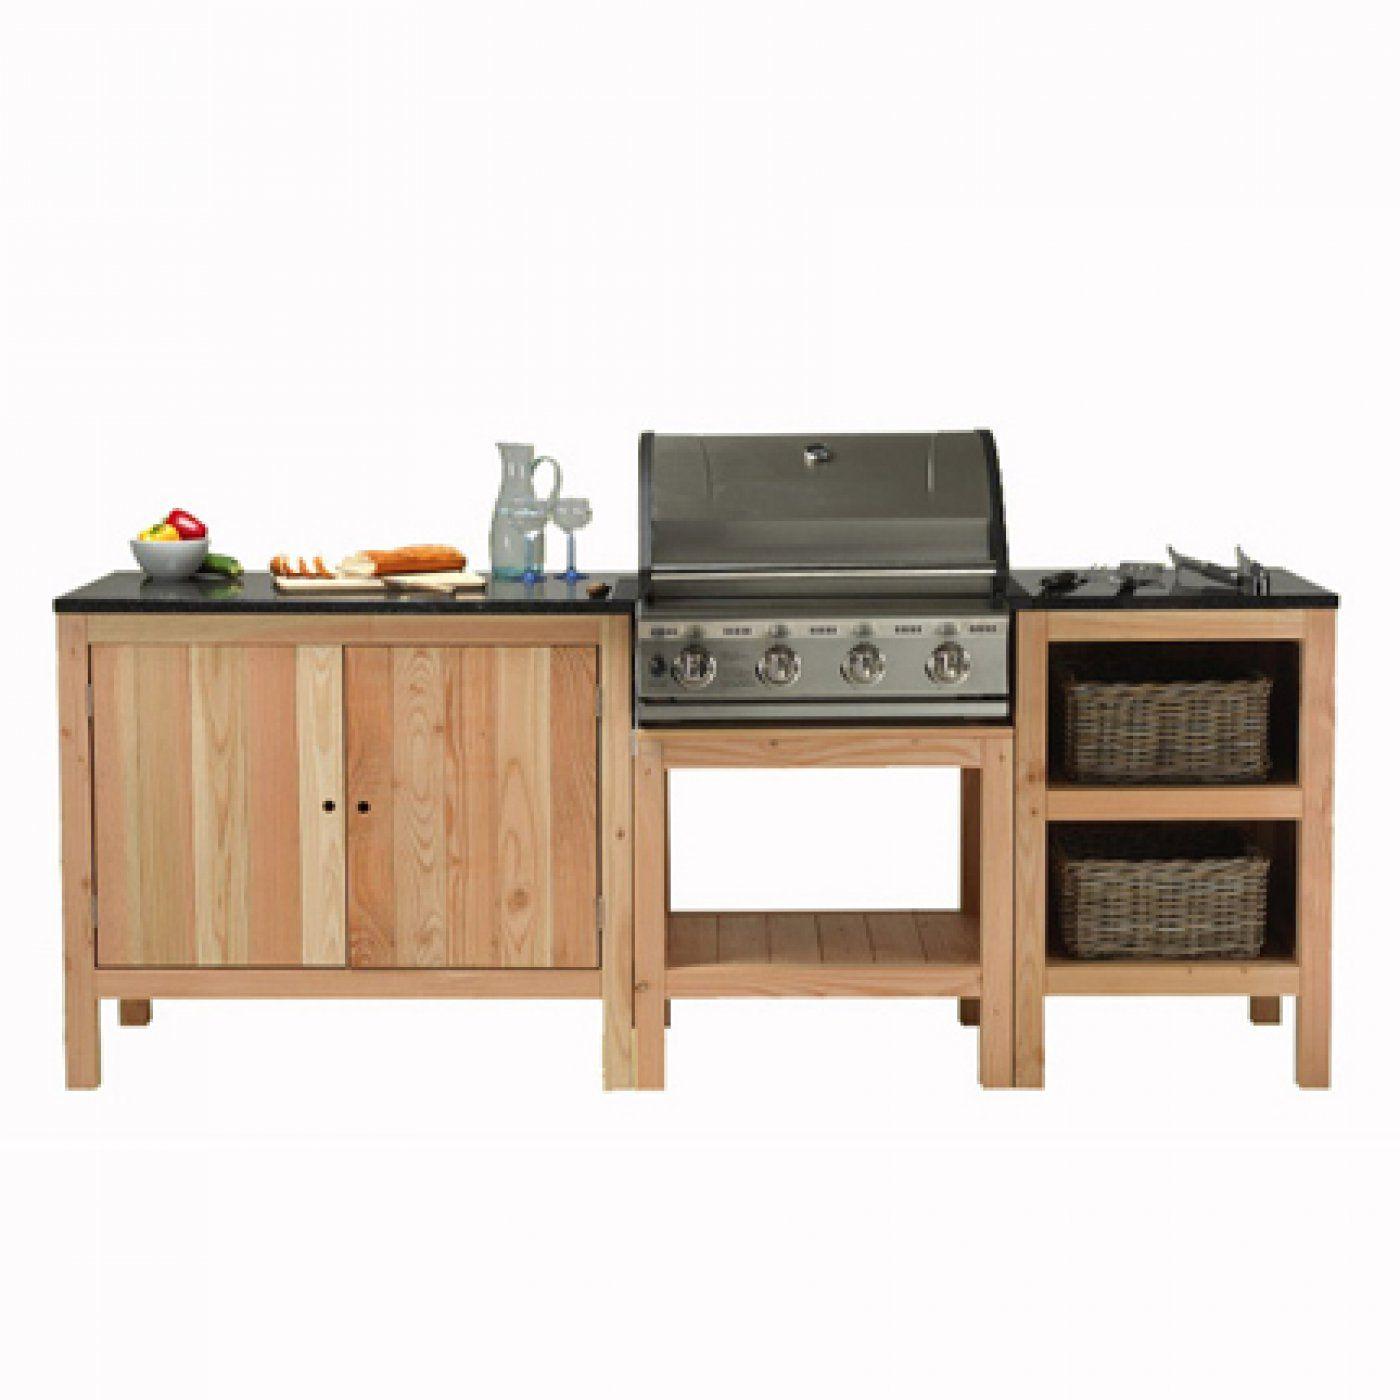 Banc Coffre Angso Ikea Exterieure Meuble Cuisine